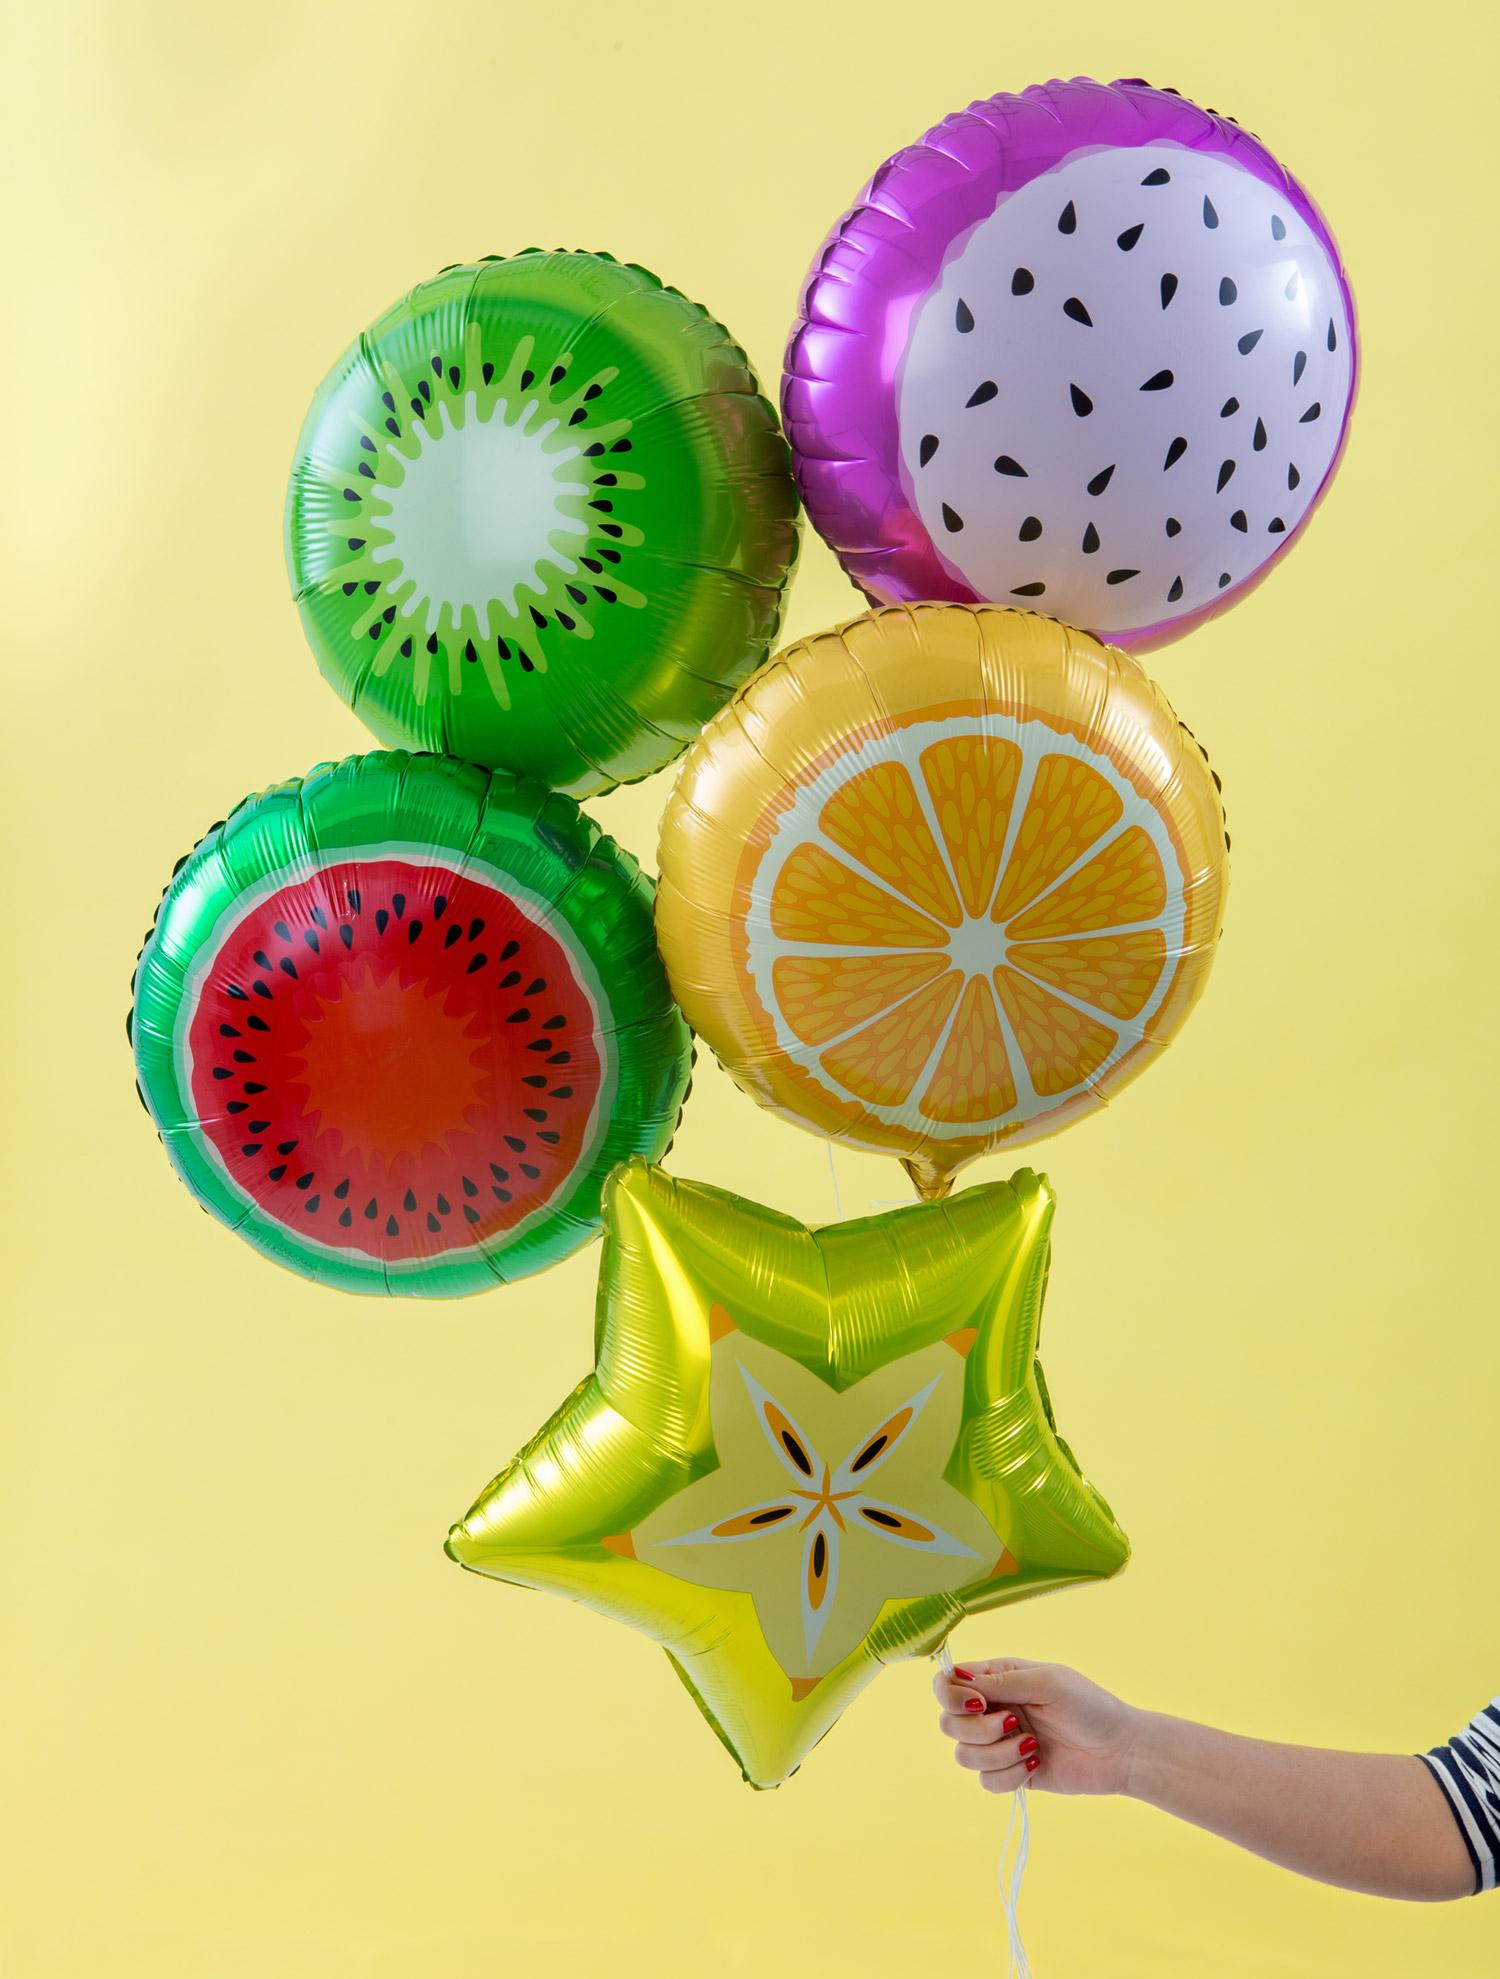 Fruktklase av fruktballonger